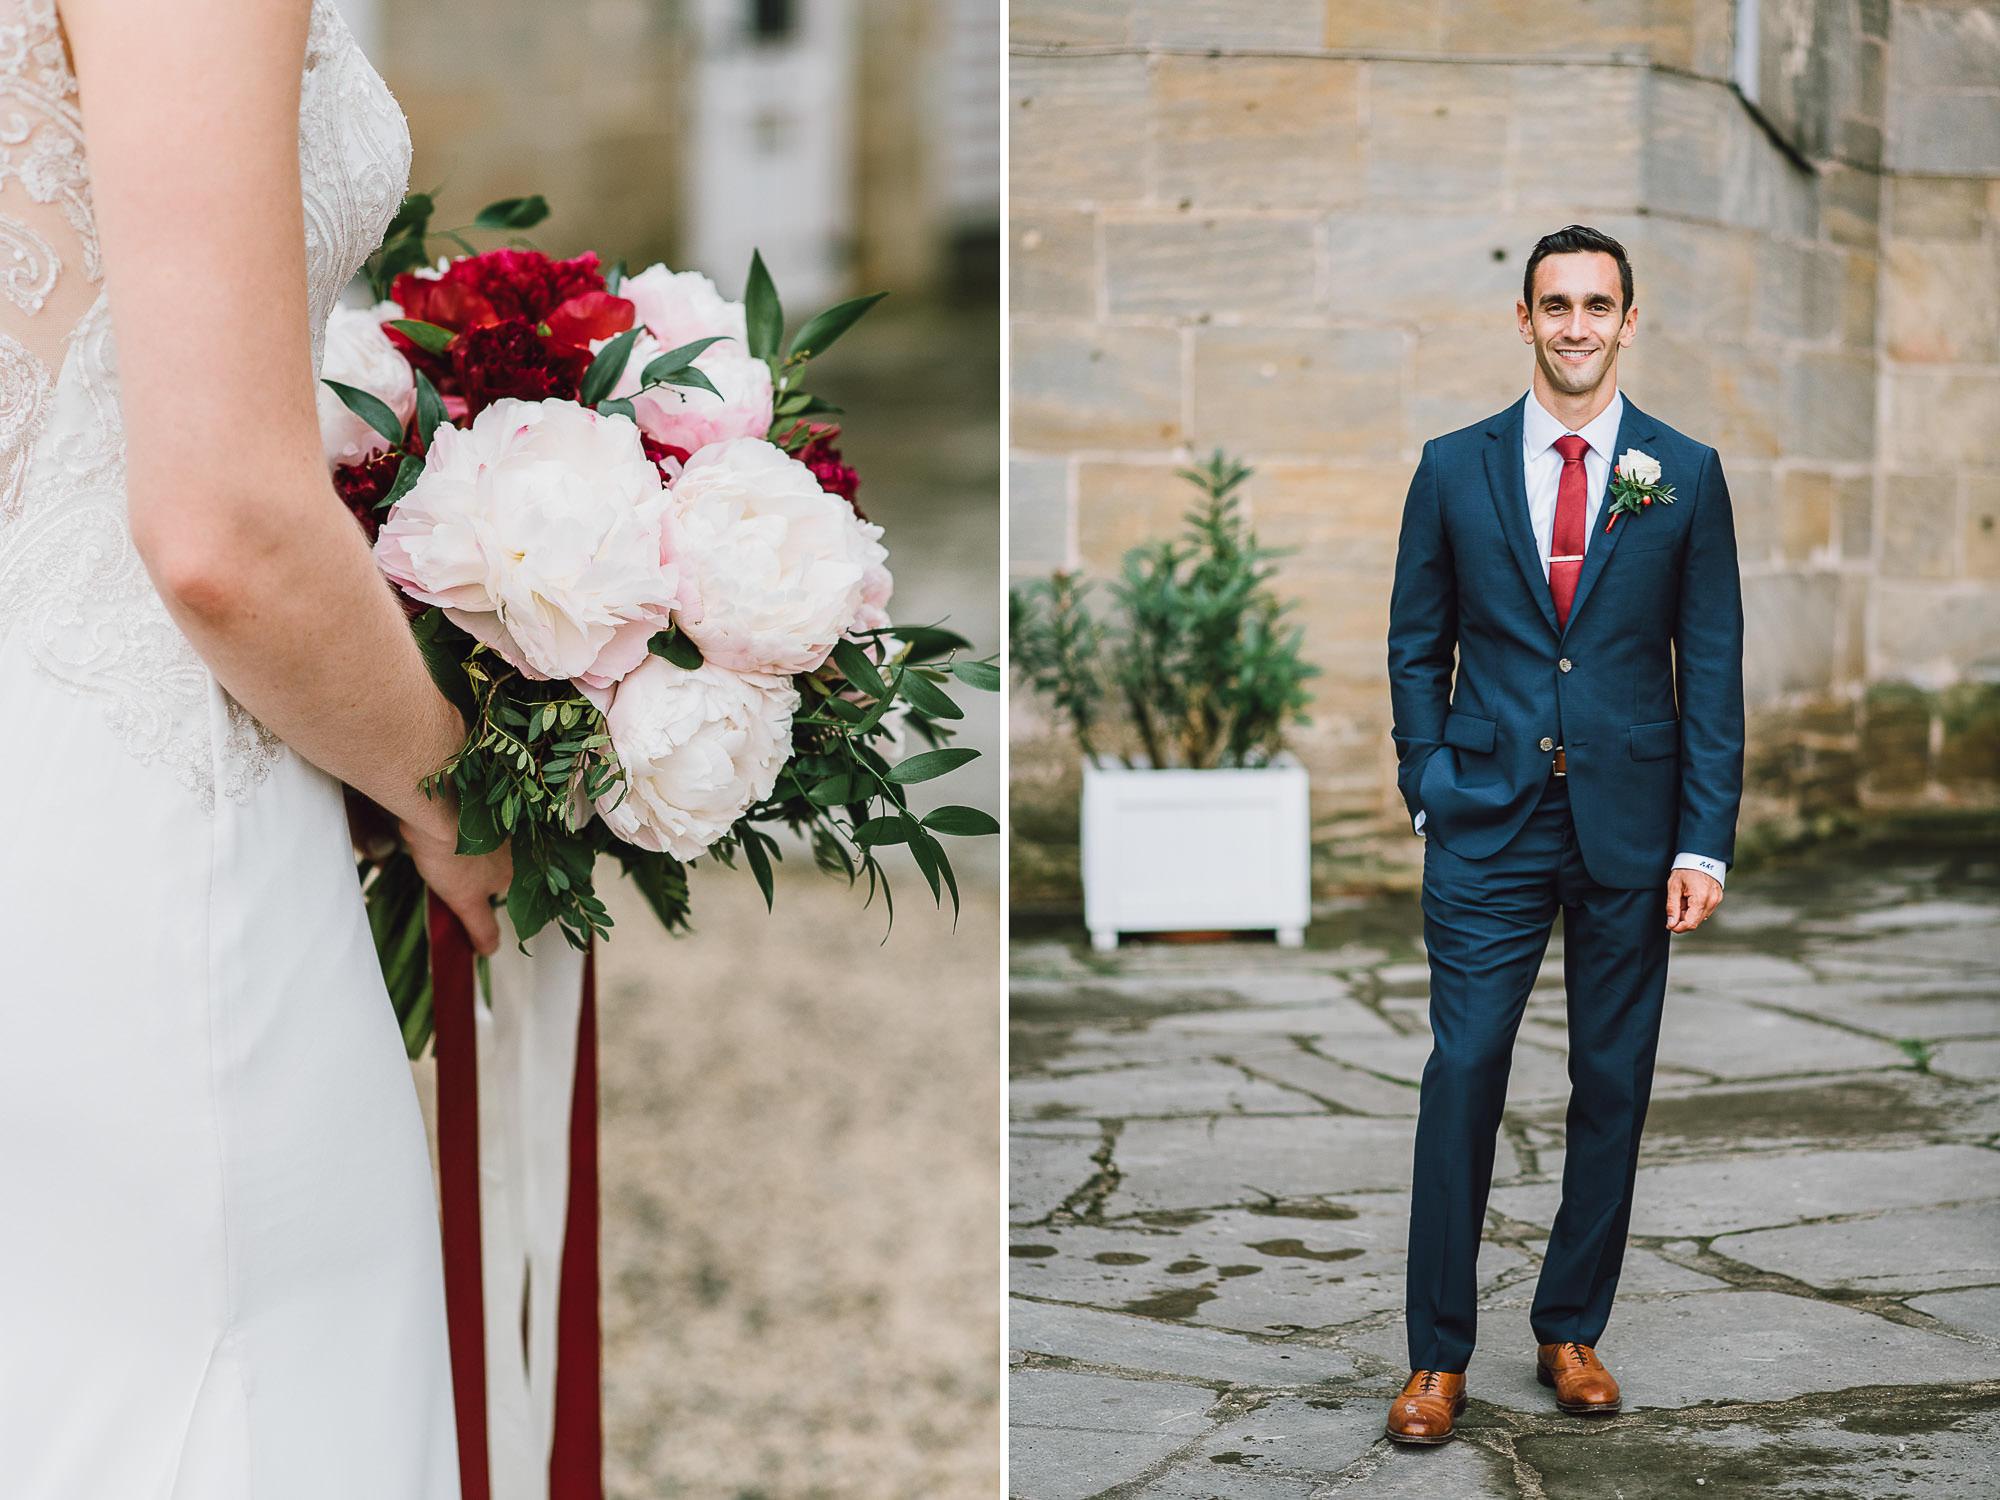 rustic-elegant-wedding-schloss-hochzeit-eyrichshof-franken-bamberg-095